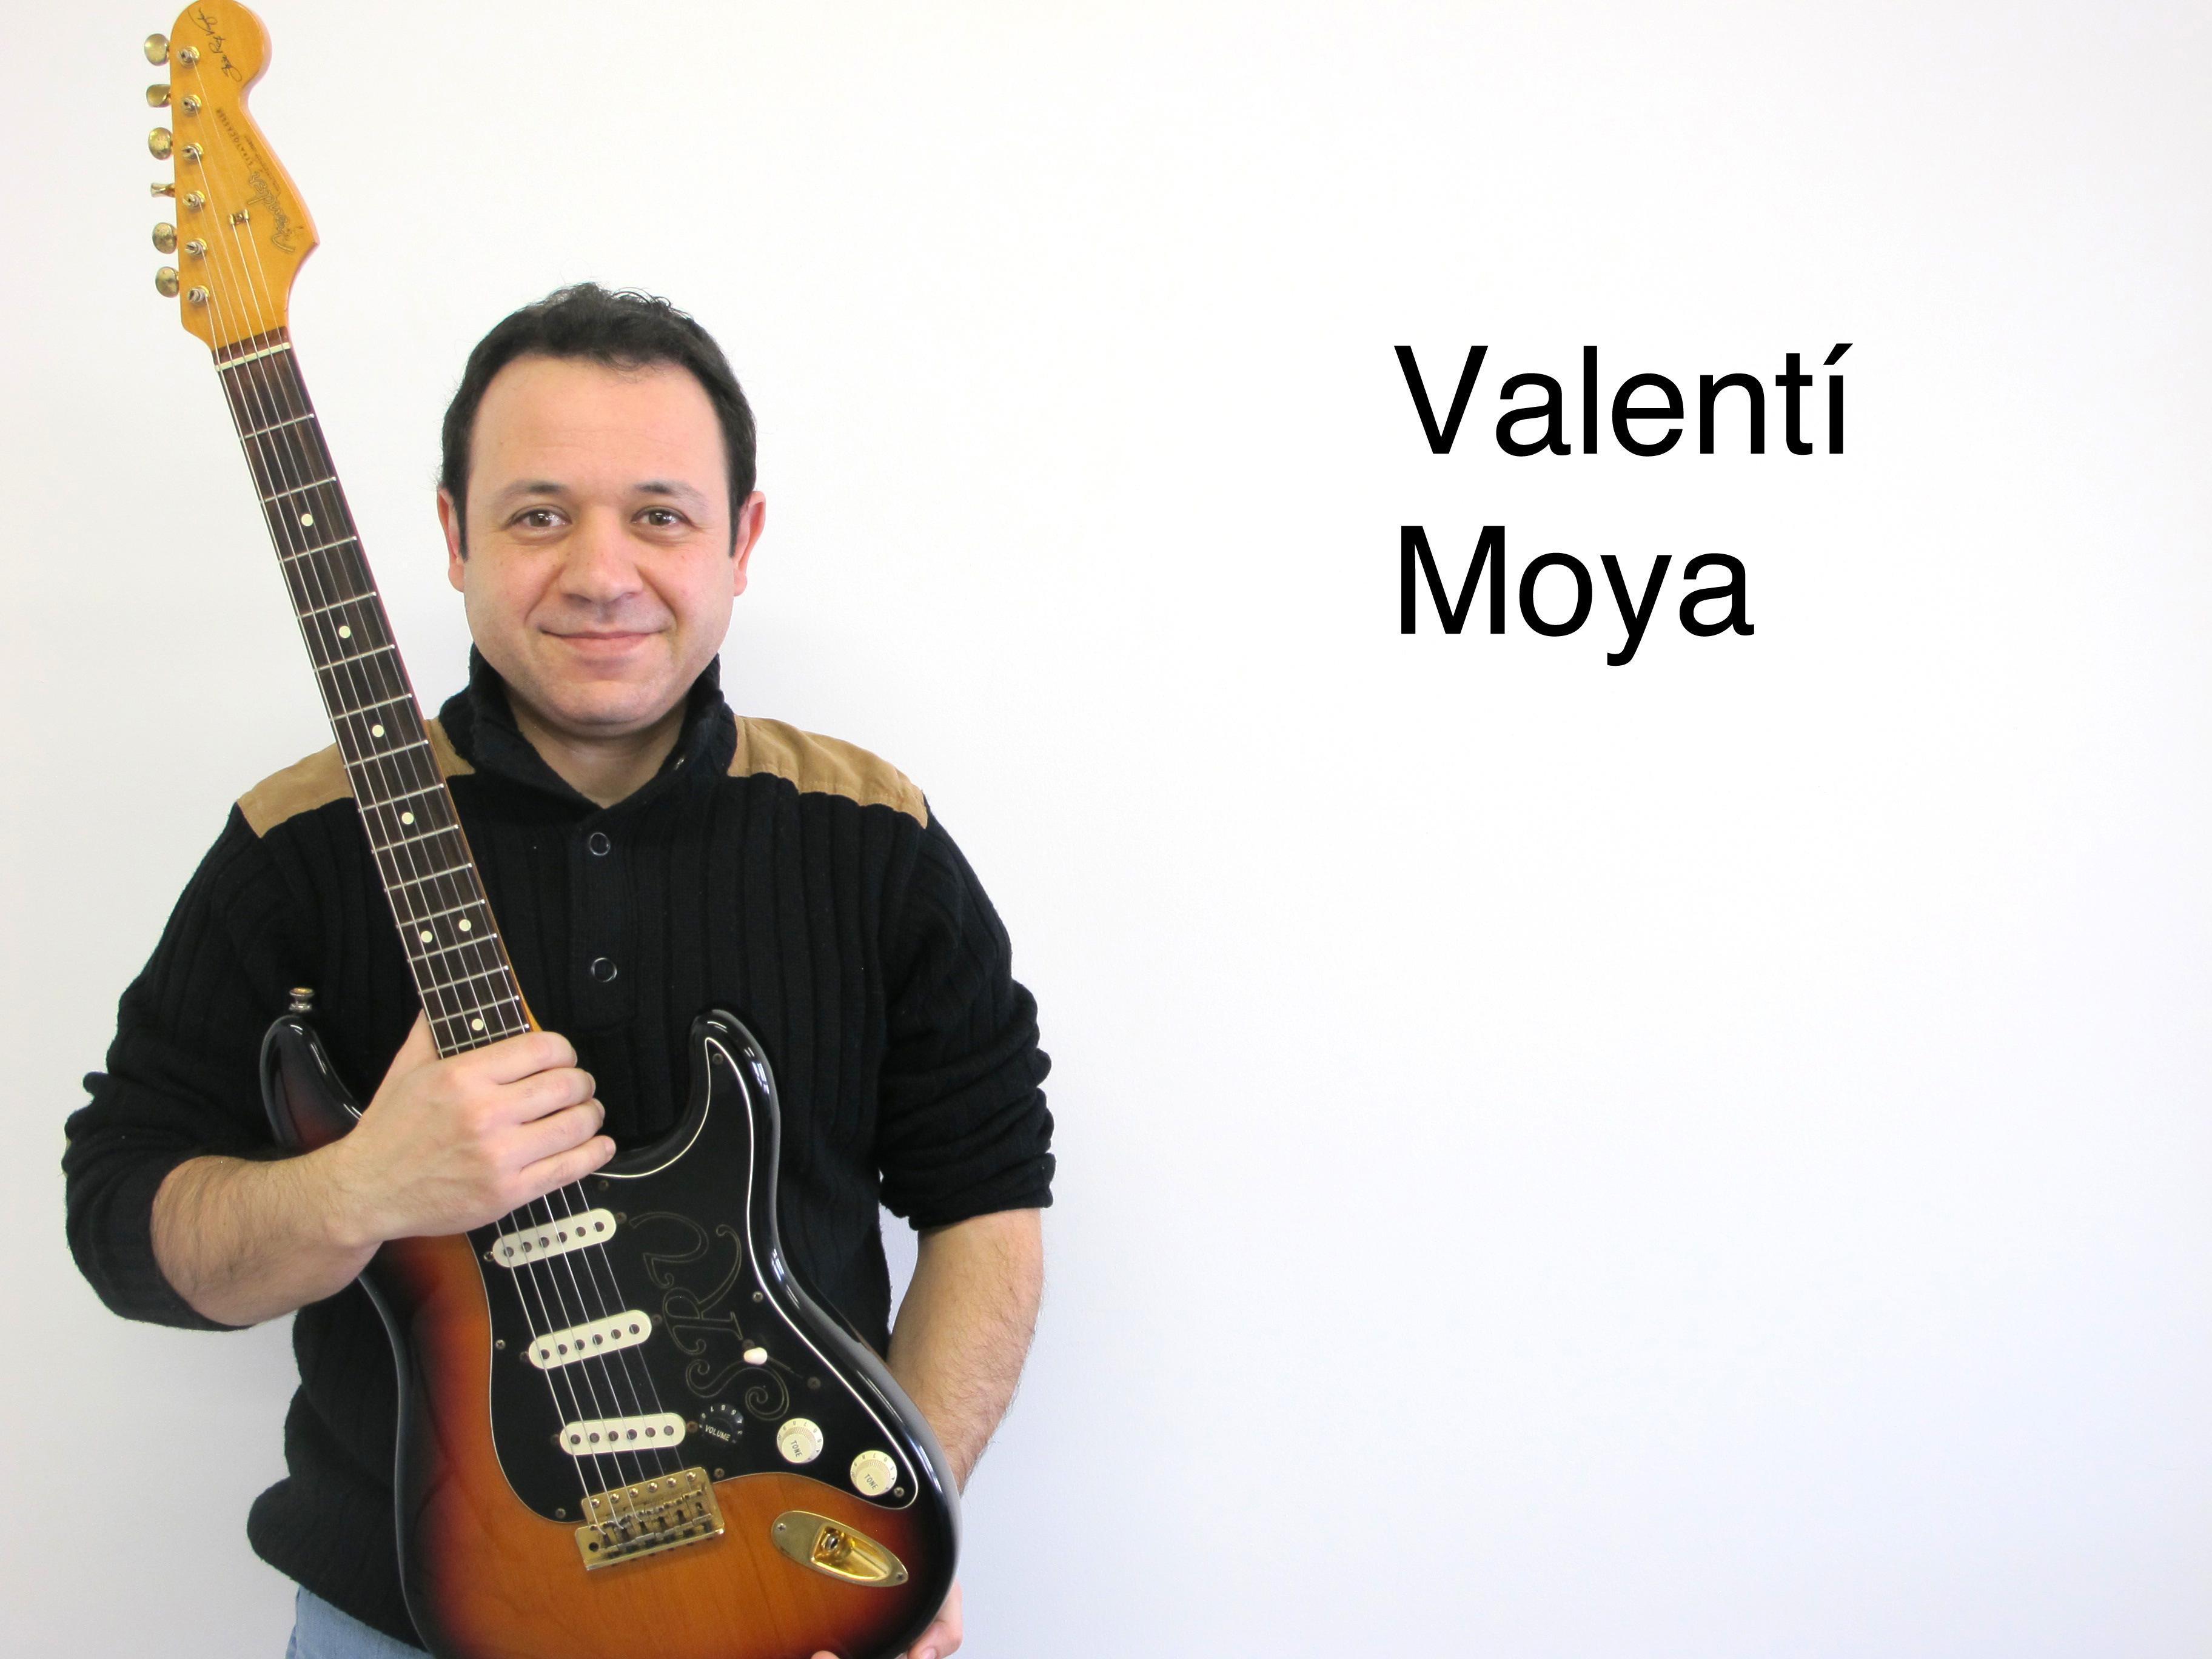 Valentí Moya